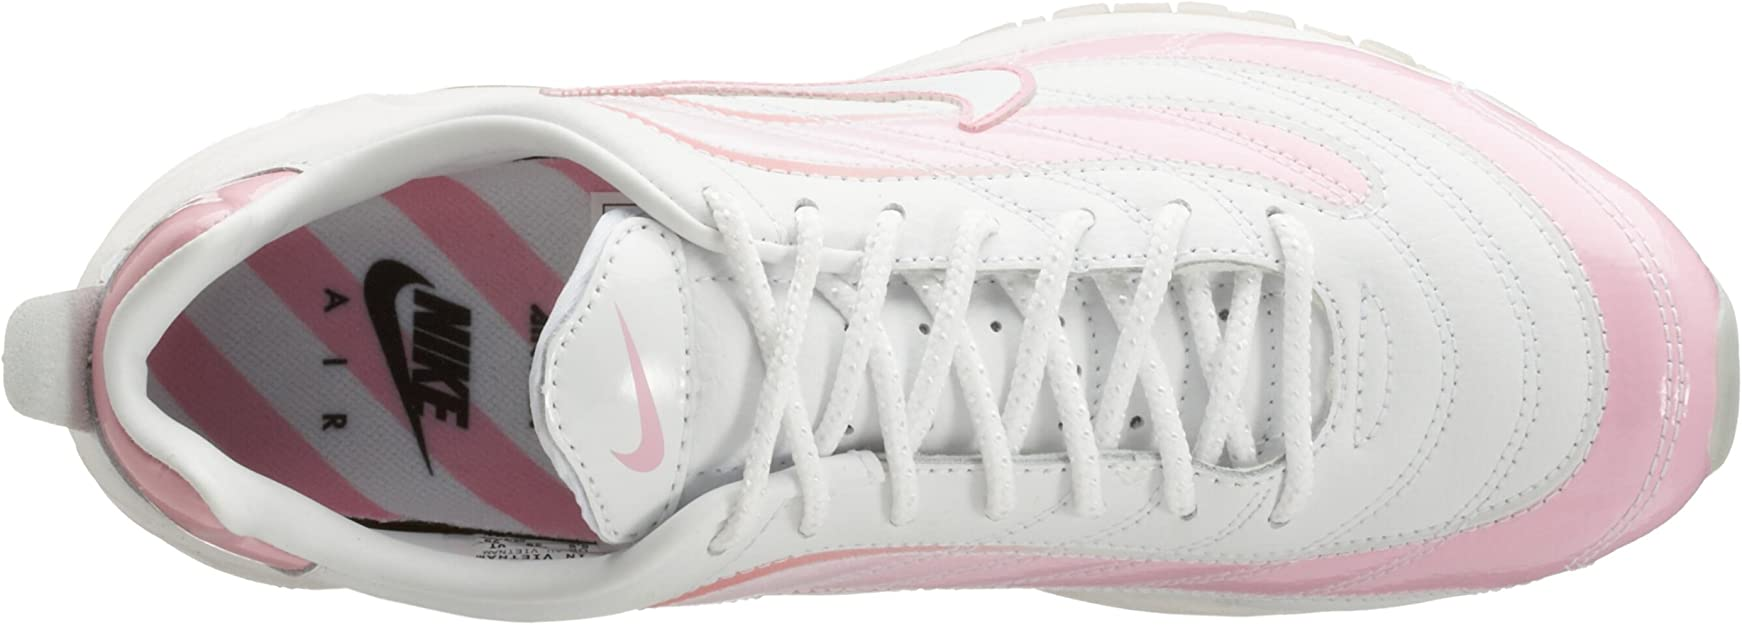 Nike AIR MAX Doro WMNS Sportschuhe, US Größe 6, weißrosa